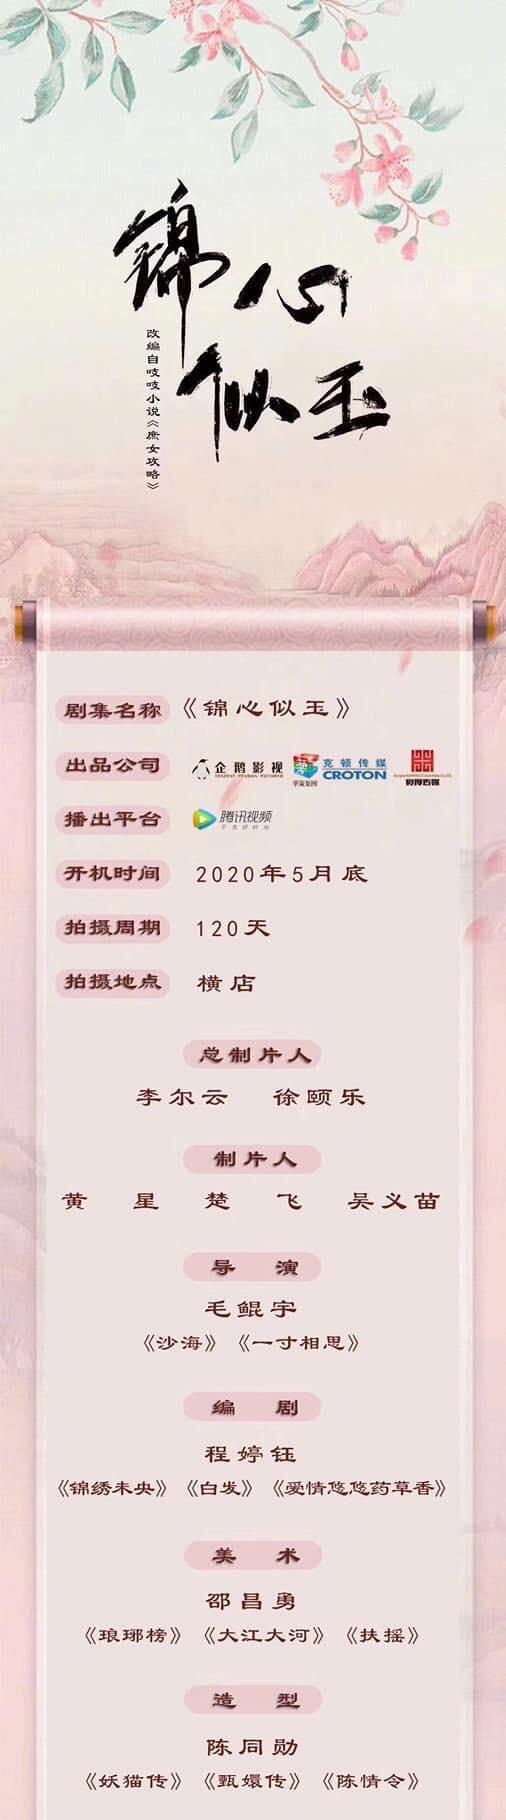 Tống Uy Long sẽ hợp tác cùng Dương Siêu Việt trong Cẩm Tâm Như Ngọc? ảnh 0